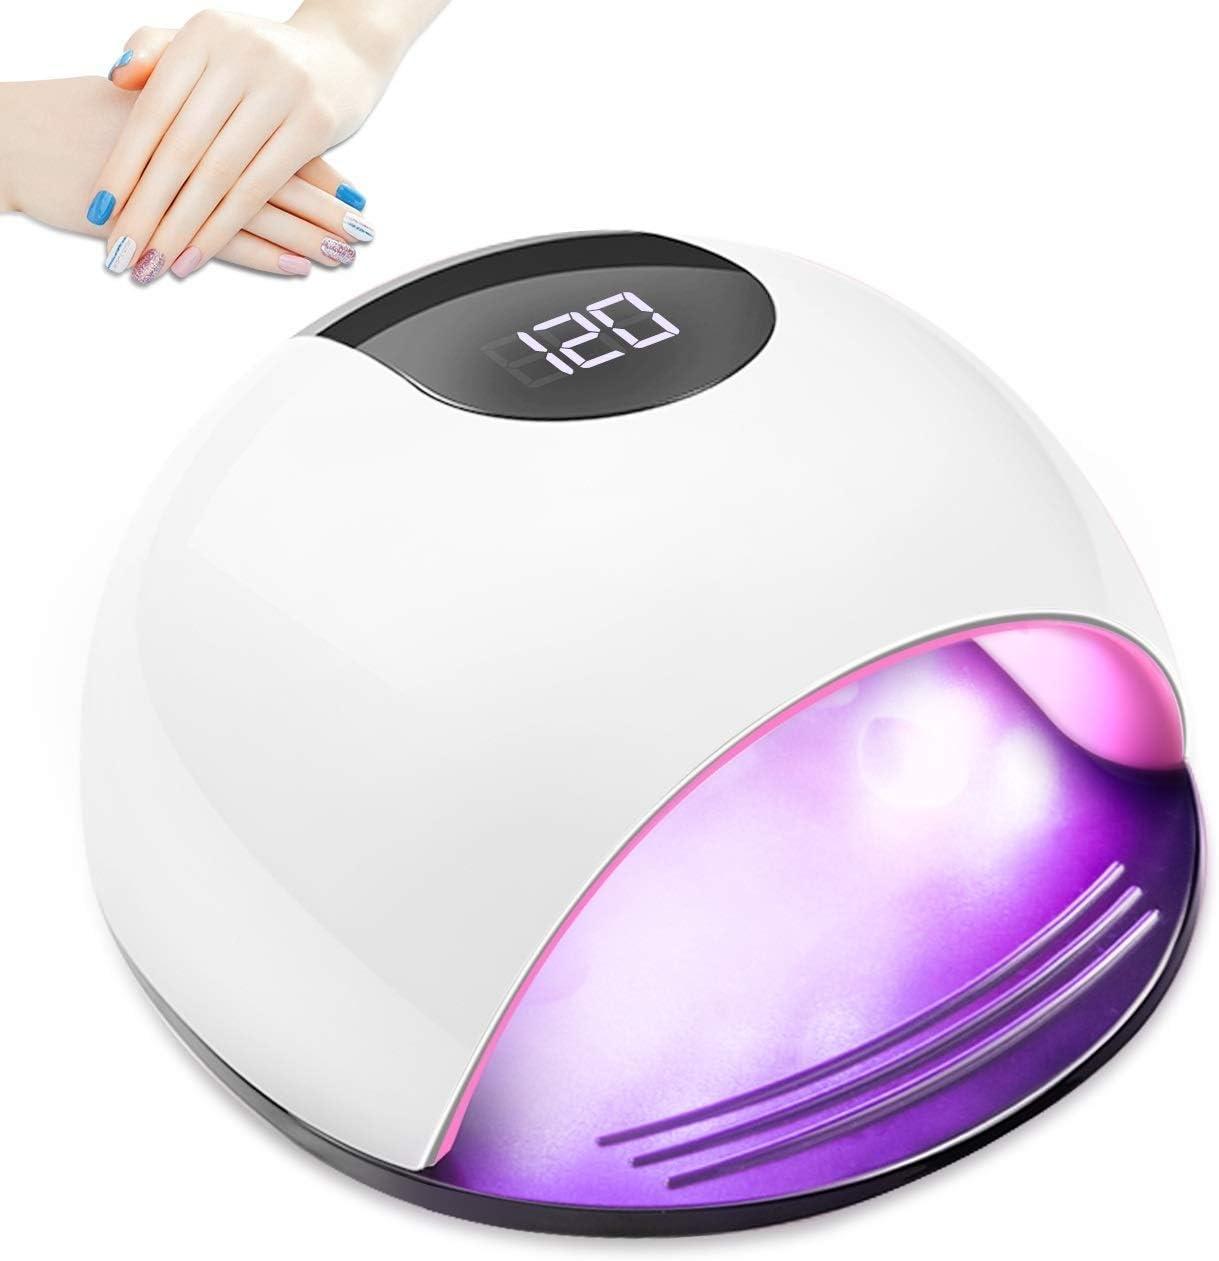 72W Lámpara LED UV Uñas, Aiemok Profesional Lámpara Secador de Uñas, Lampara led uñas de uñas Lámpara de Curado con 4 Temporizadores(10s/30s/60s/120 s), Sensor Automático y Pantalla LCD